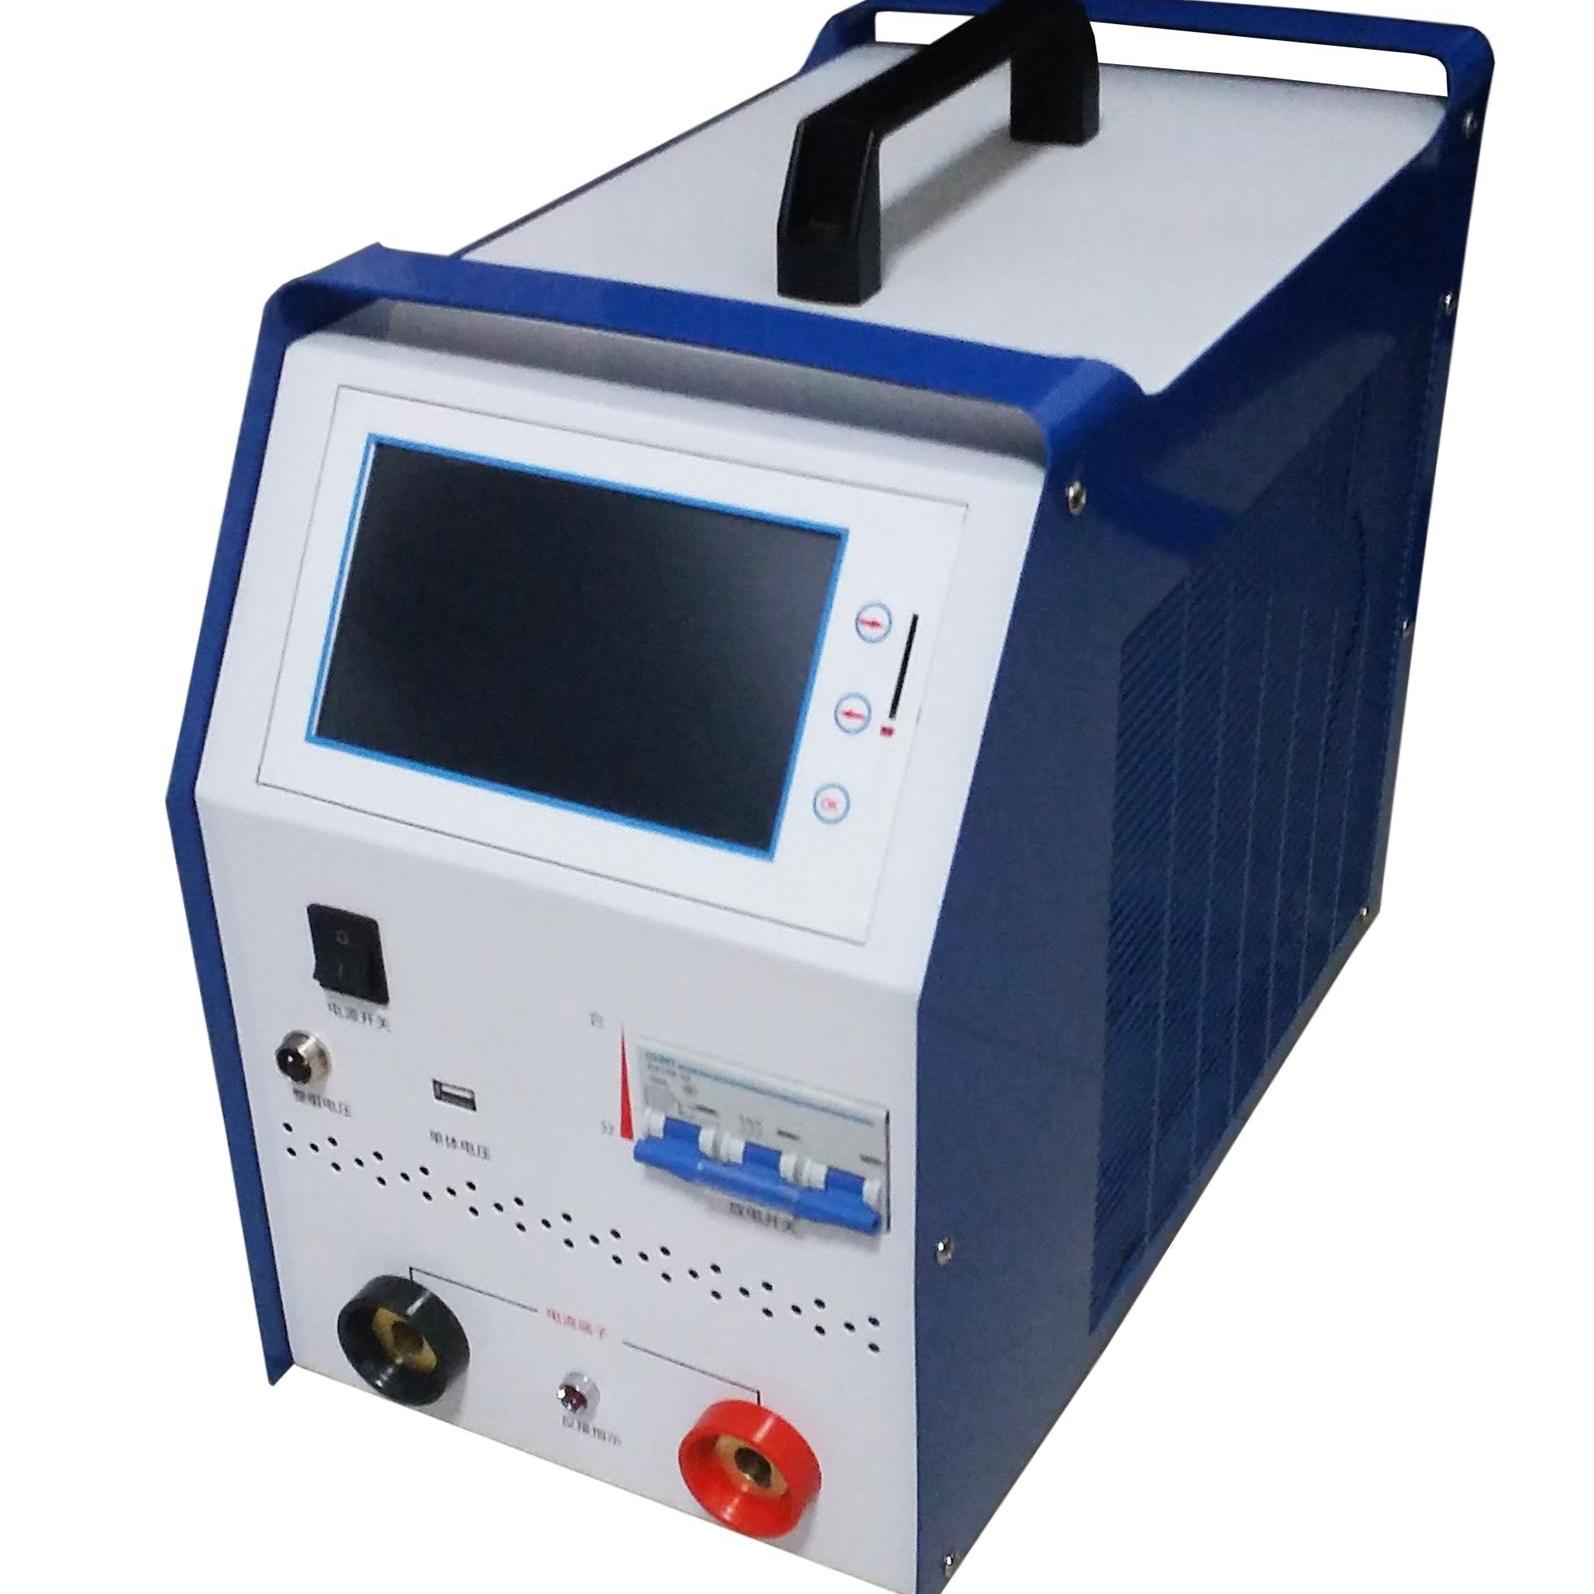 检测蓄电池充放测试仪